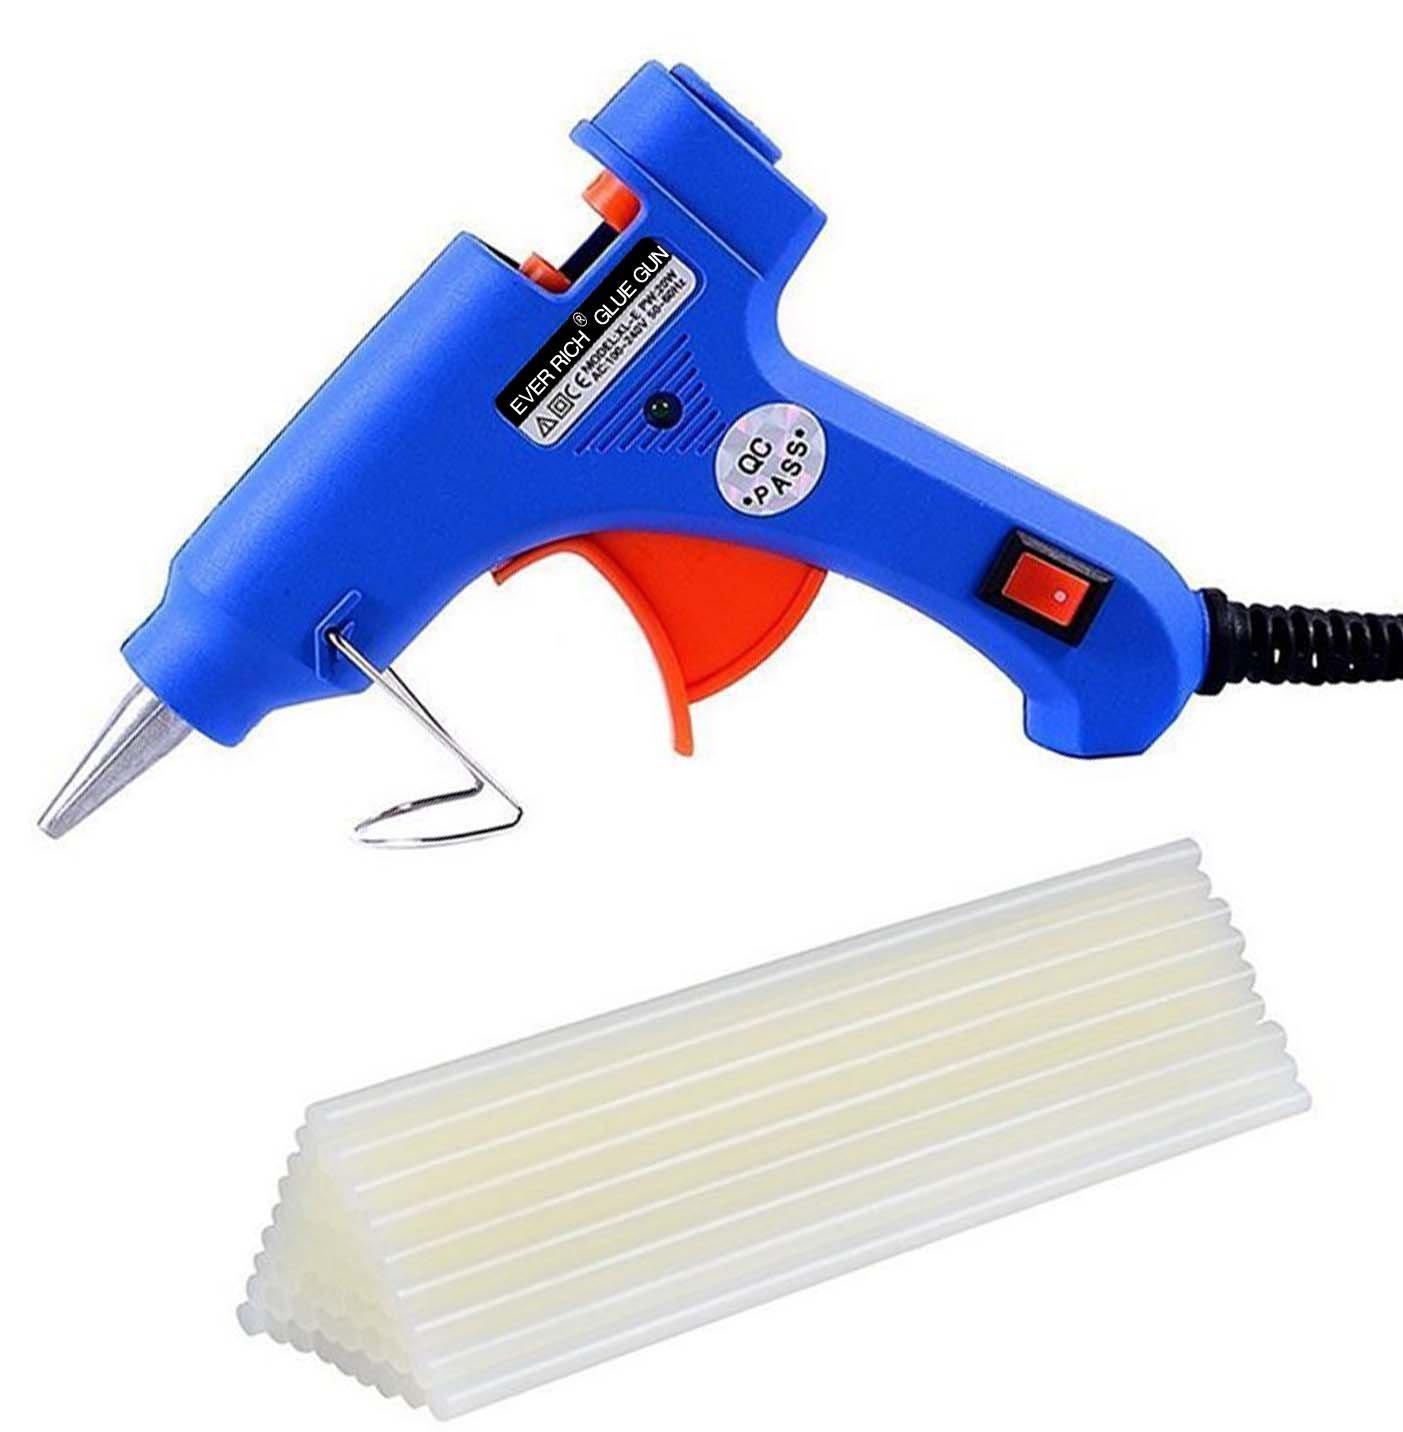 Ever Rich ® Pistolet à colle électrique doté d'un déclencheur Livré avec 50bâtons de colle pour travaux manuels sur carton/bois/verre/métal/tissu/plastique/céramique 20W)